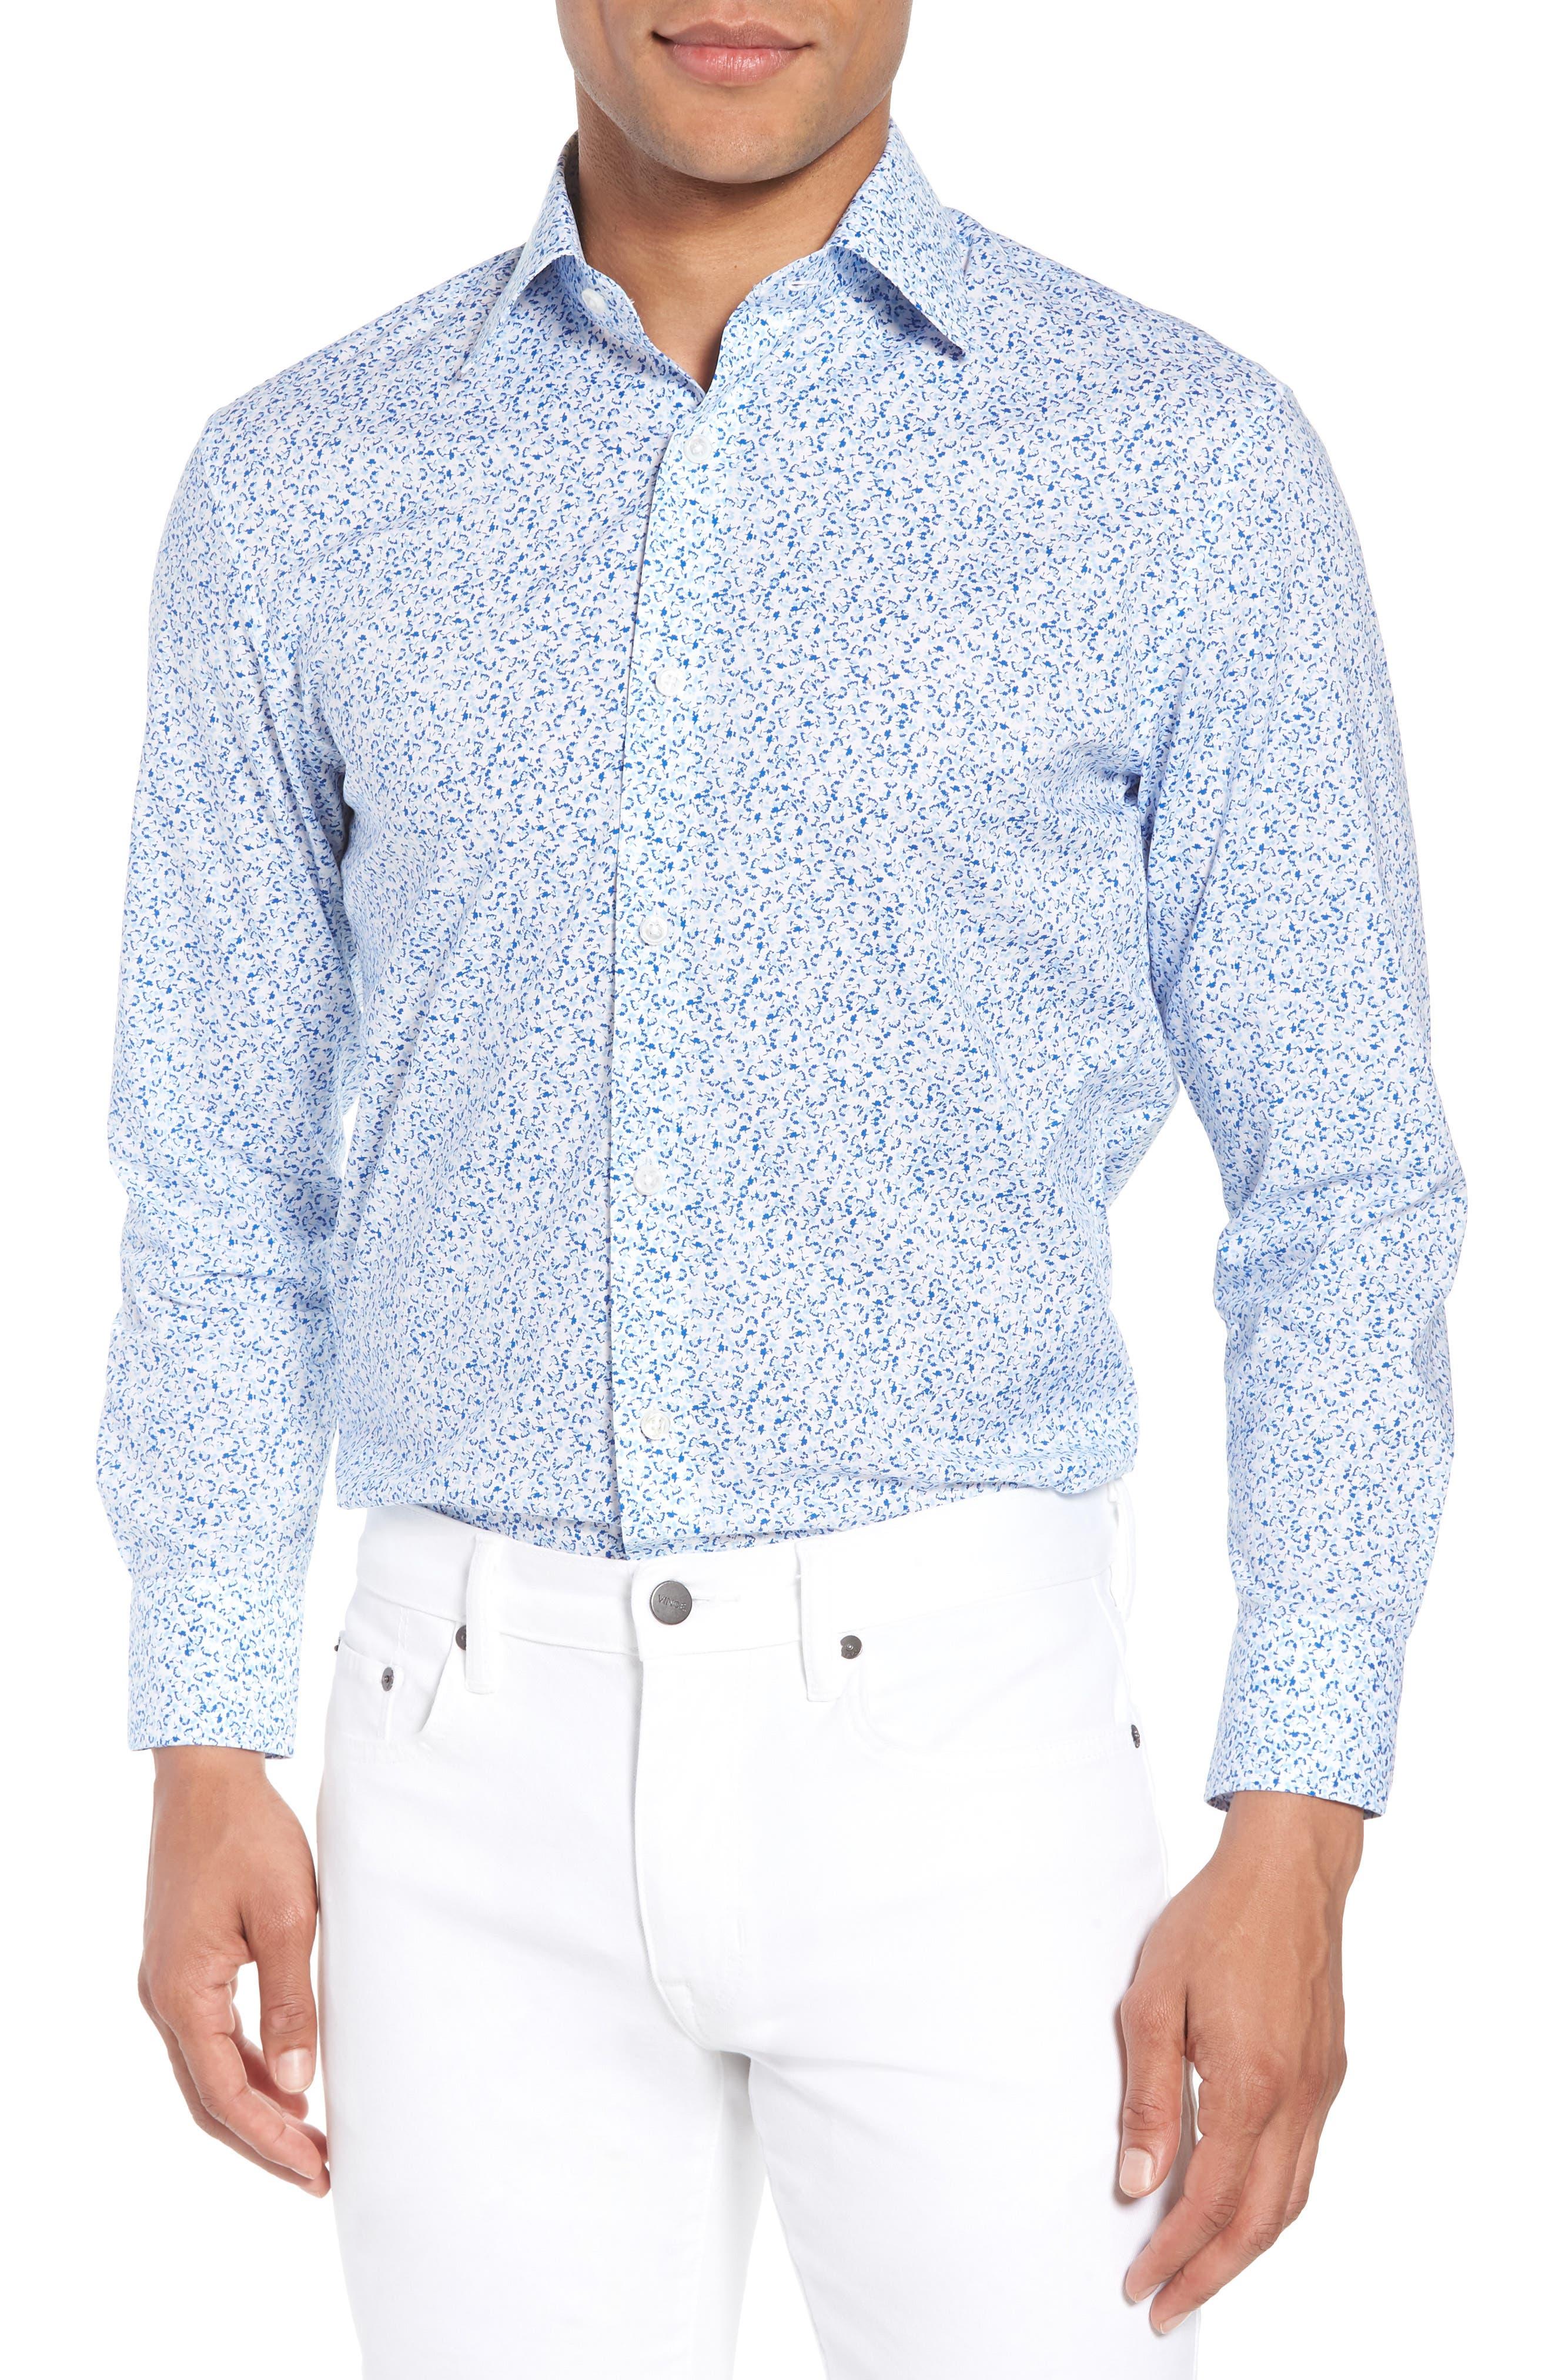 Jetsetter Slim Fit Floral Dress Shirt,                         Main,                         color, 400